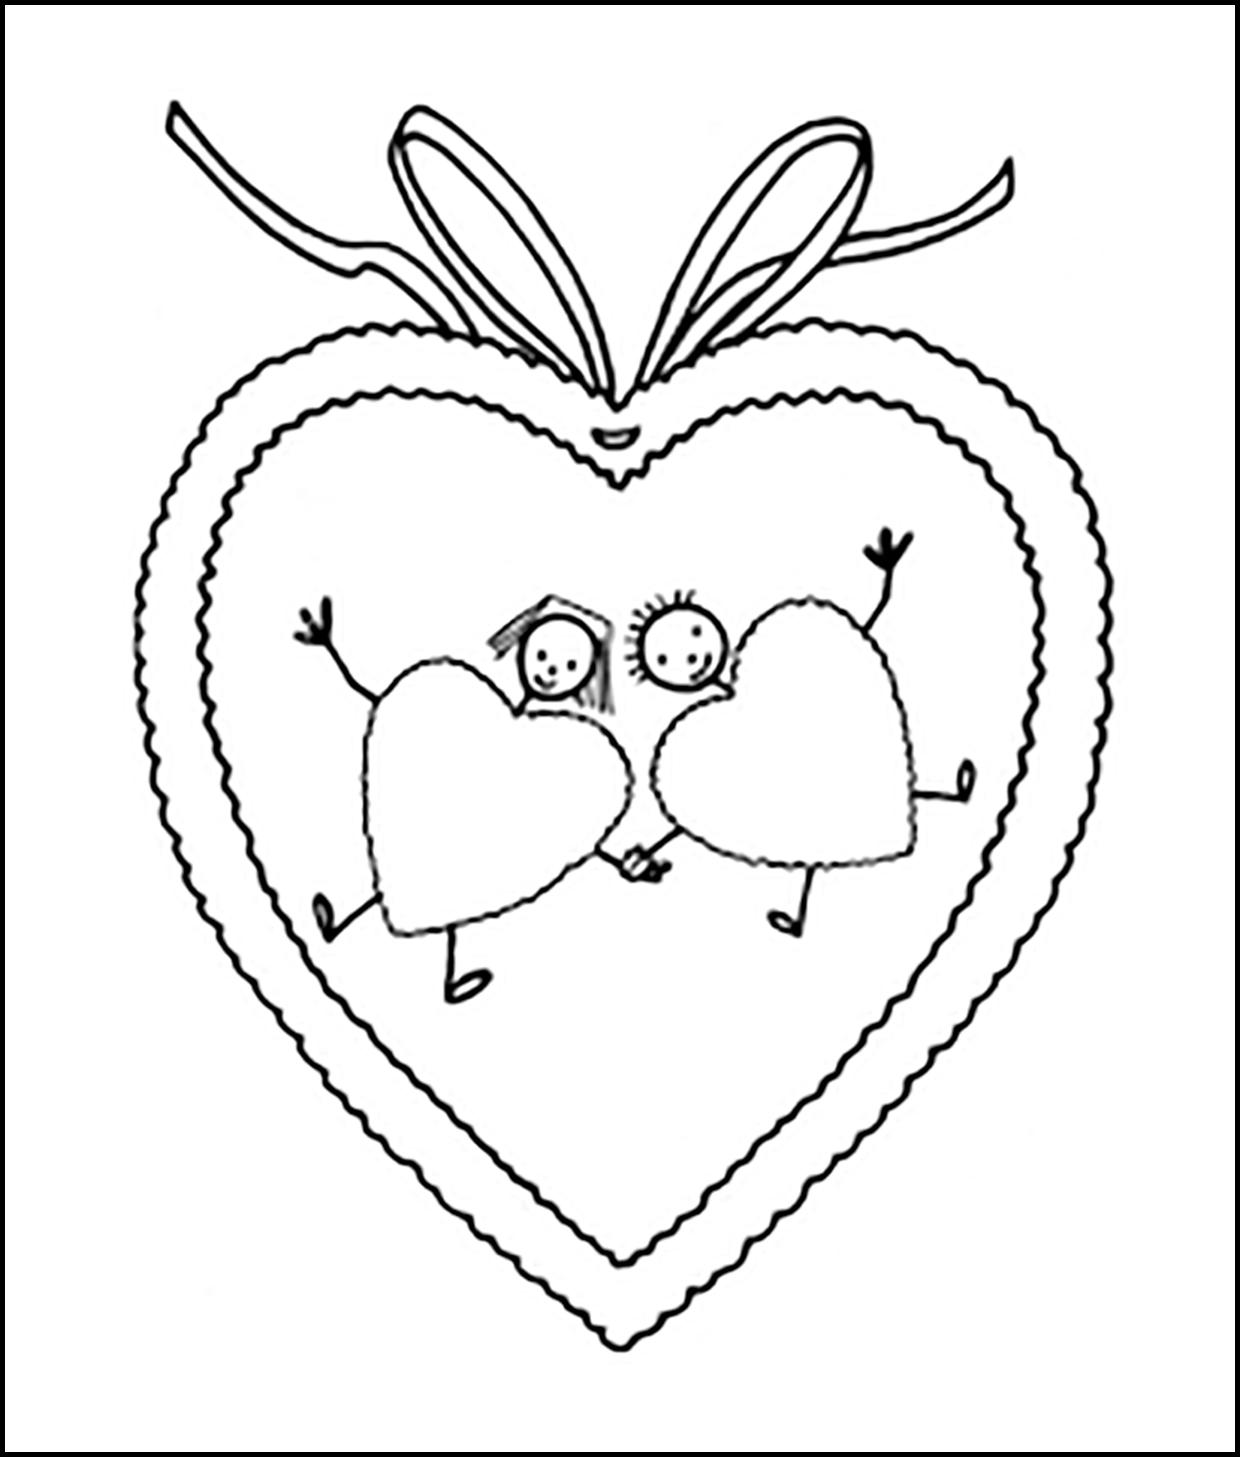 Раскраска влюбленные сердечки